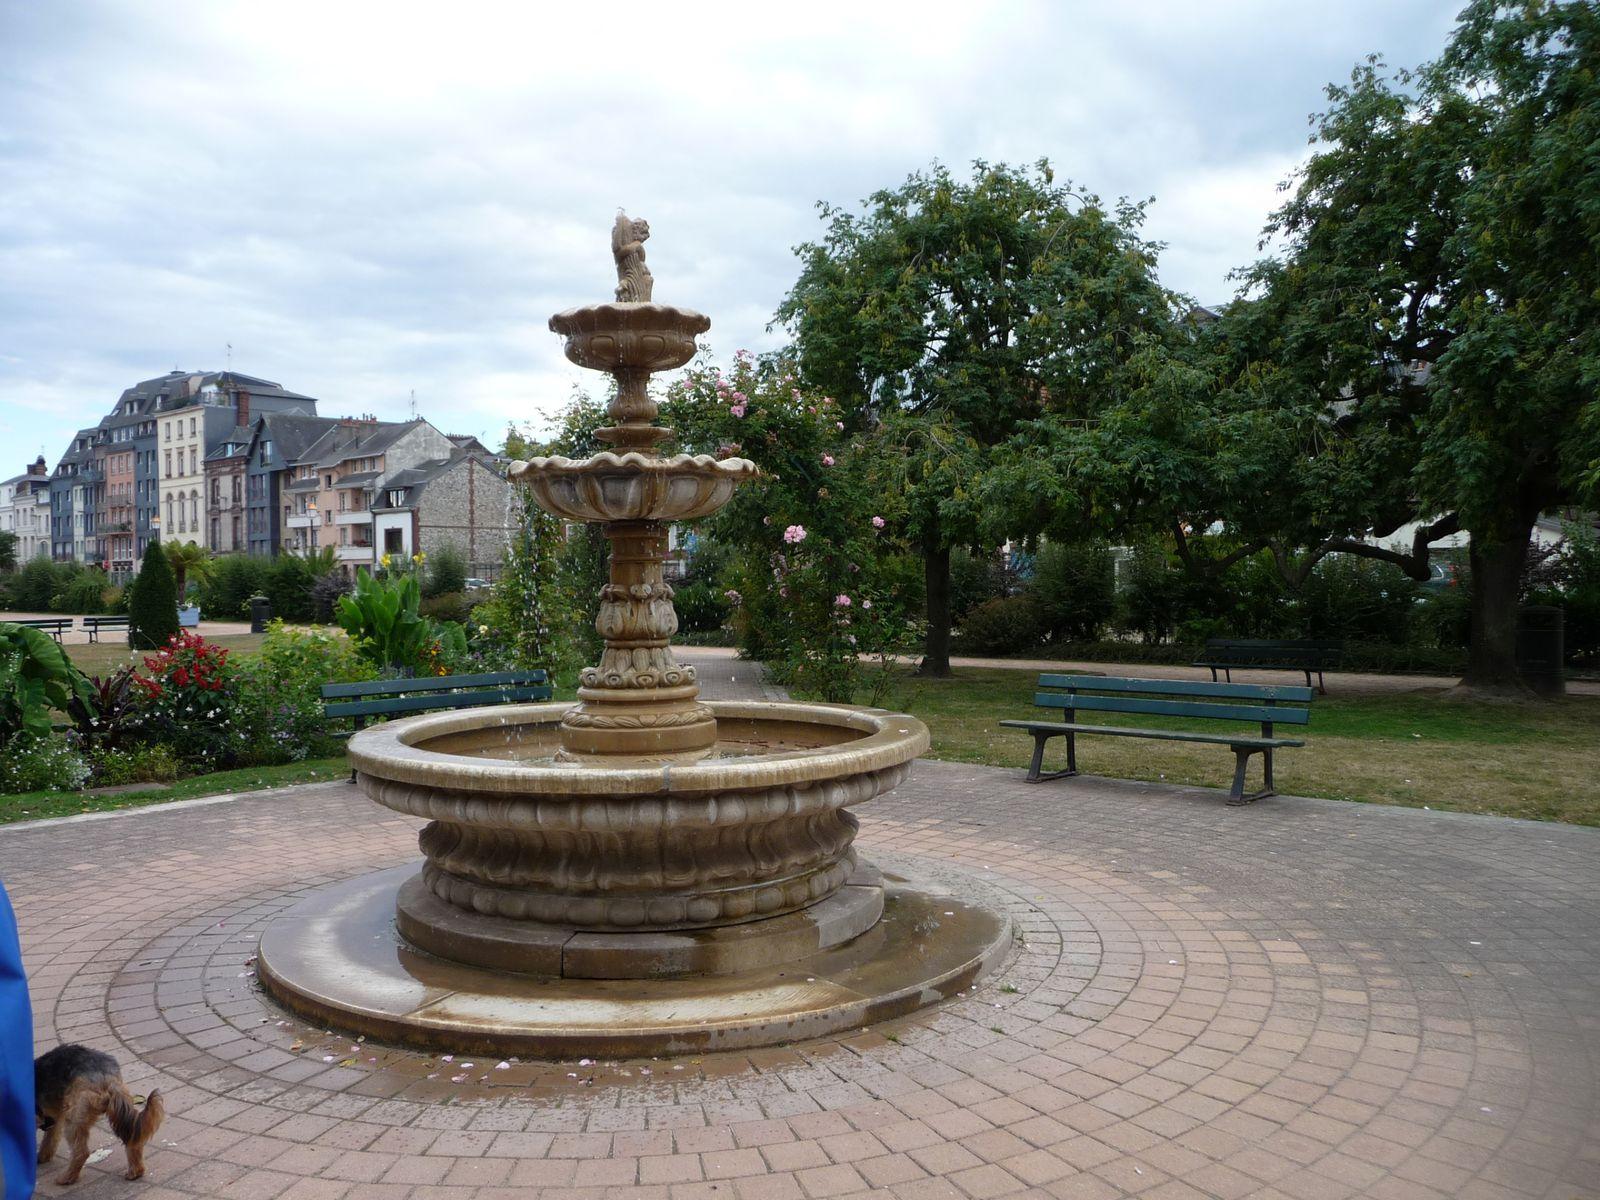 Le jardin public de honfleur chez vikki for Jardin public